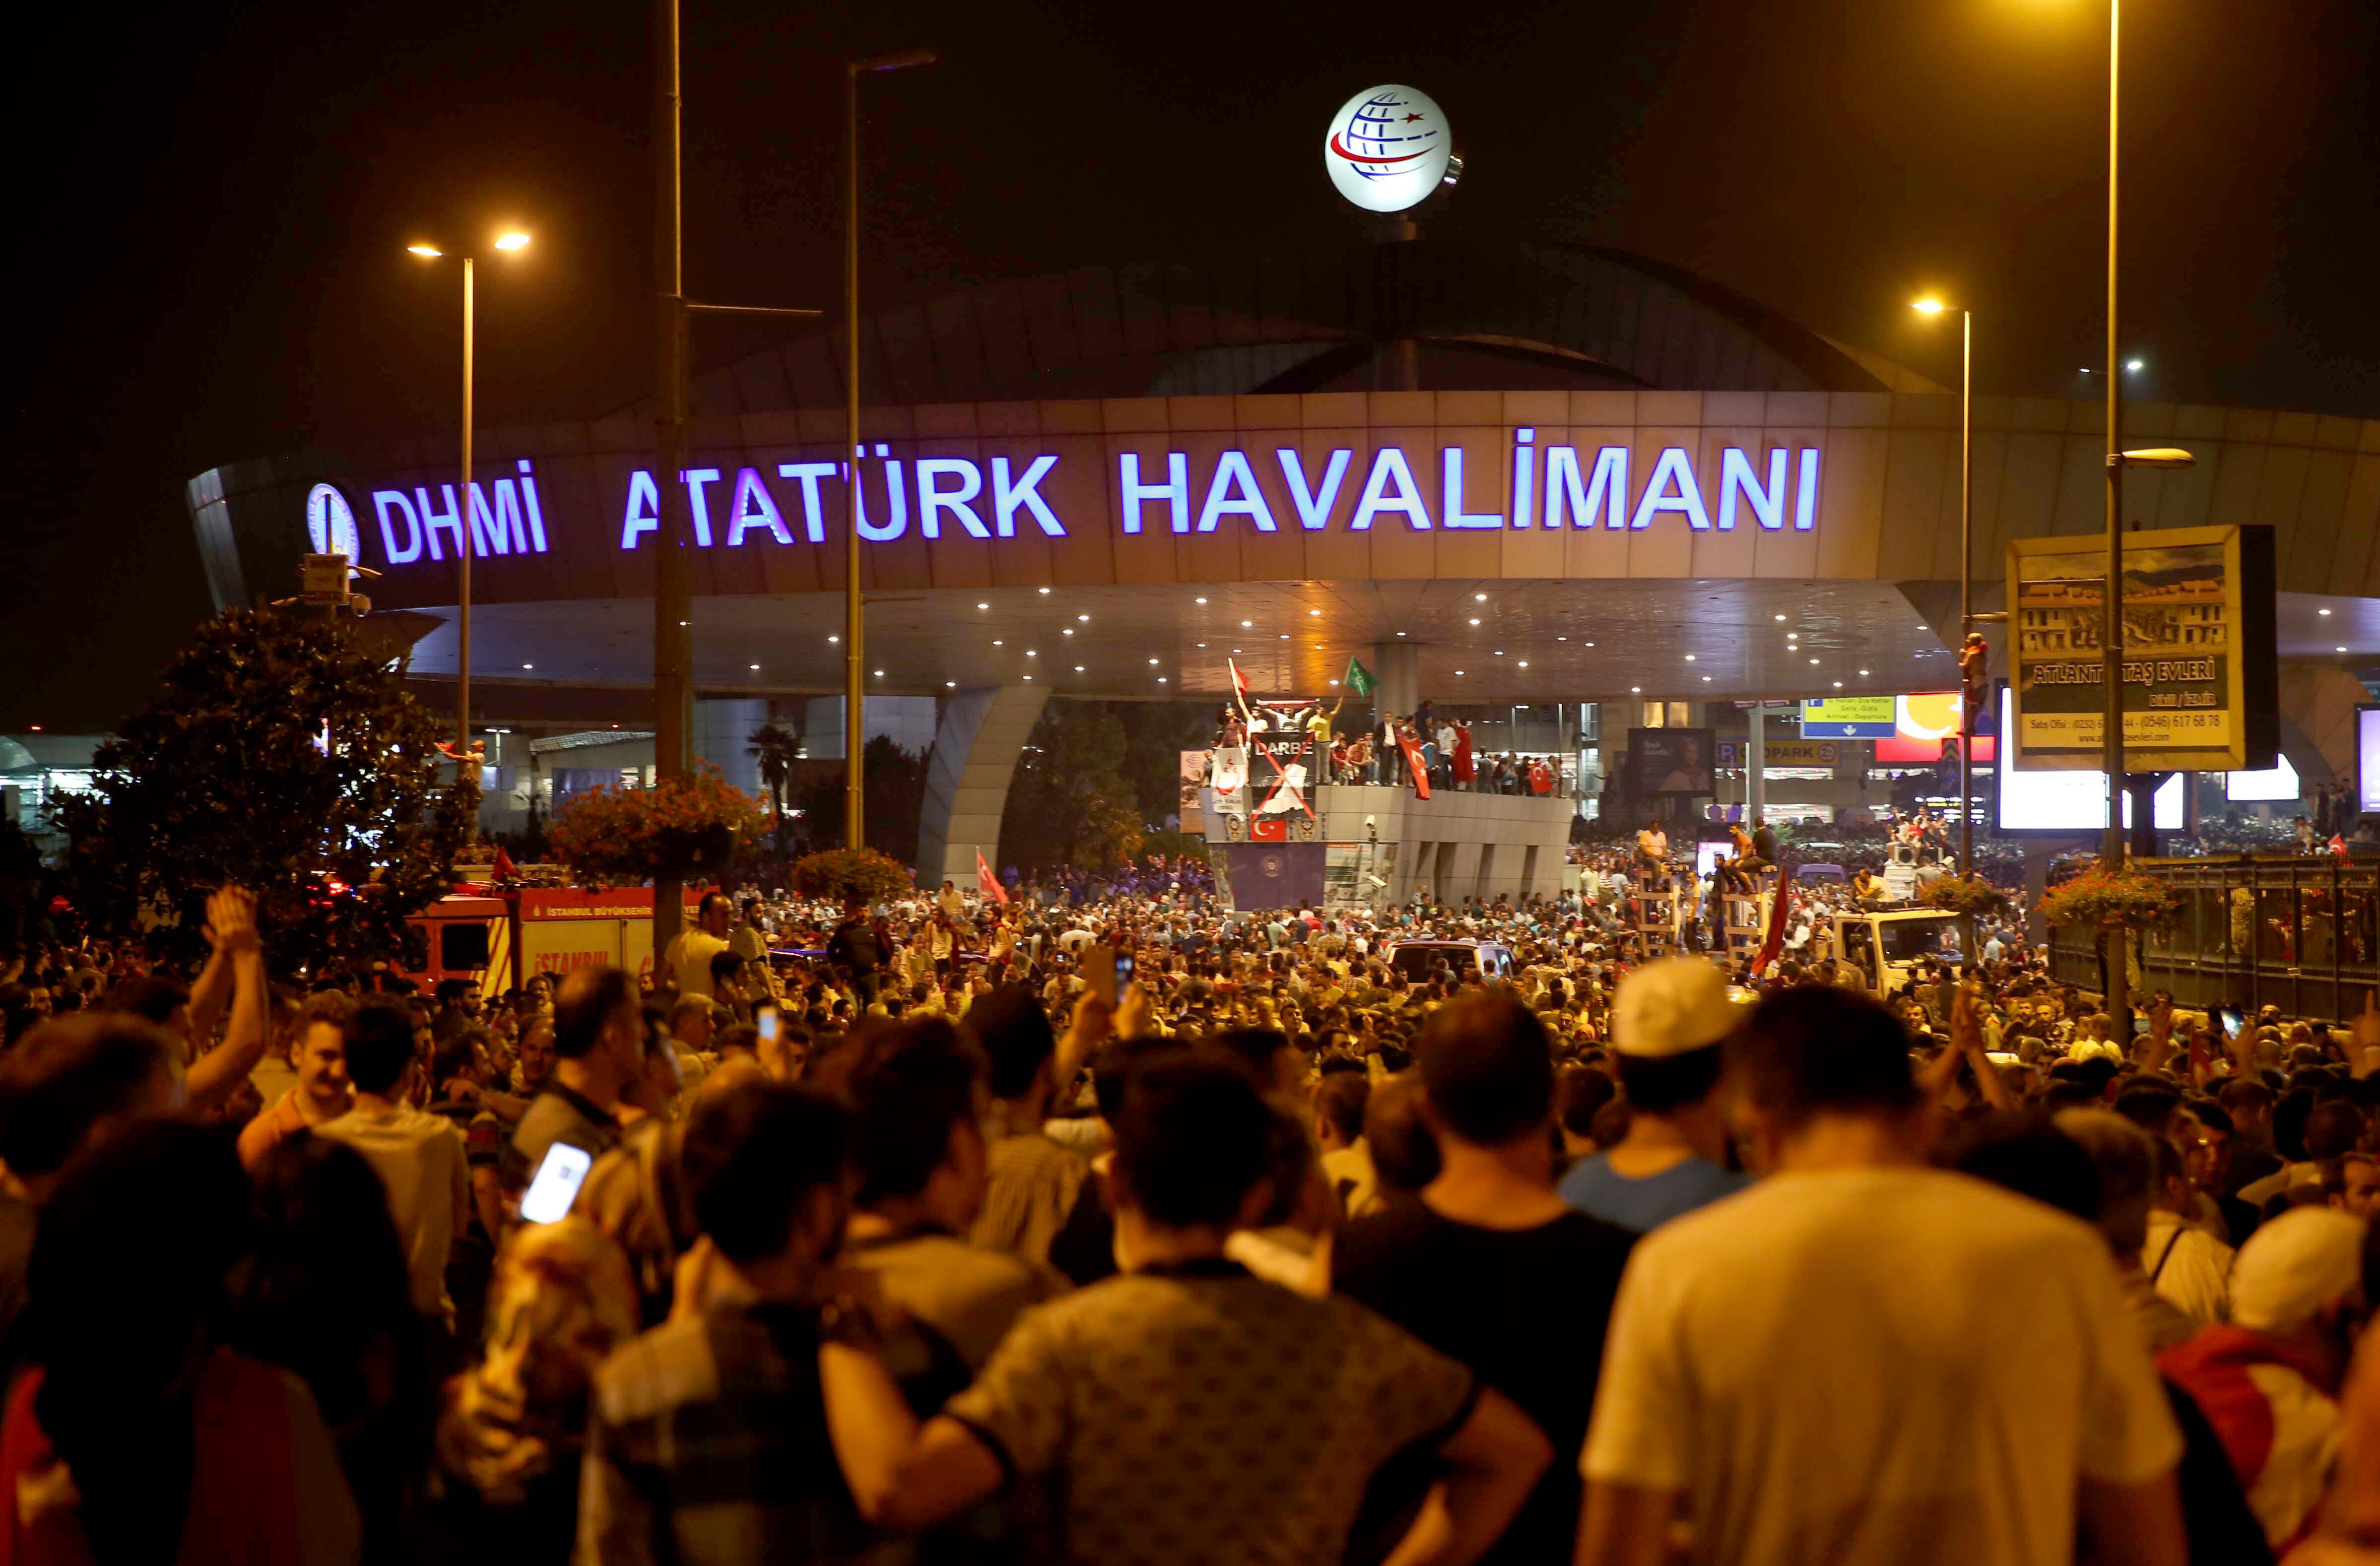 Binlerce kişi Cumhurbaşkanı Recep Tayyip Erdoğan'ın çağrısı üzerine Atatürk Havalimanı'na doğru yürüyüşe geçti.